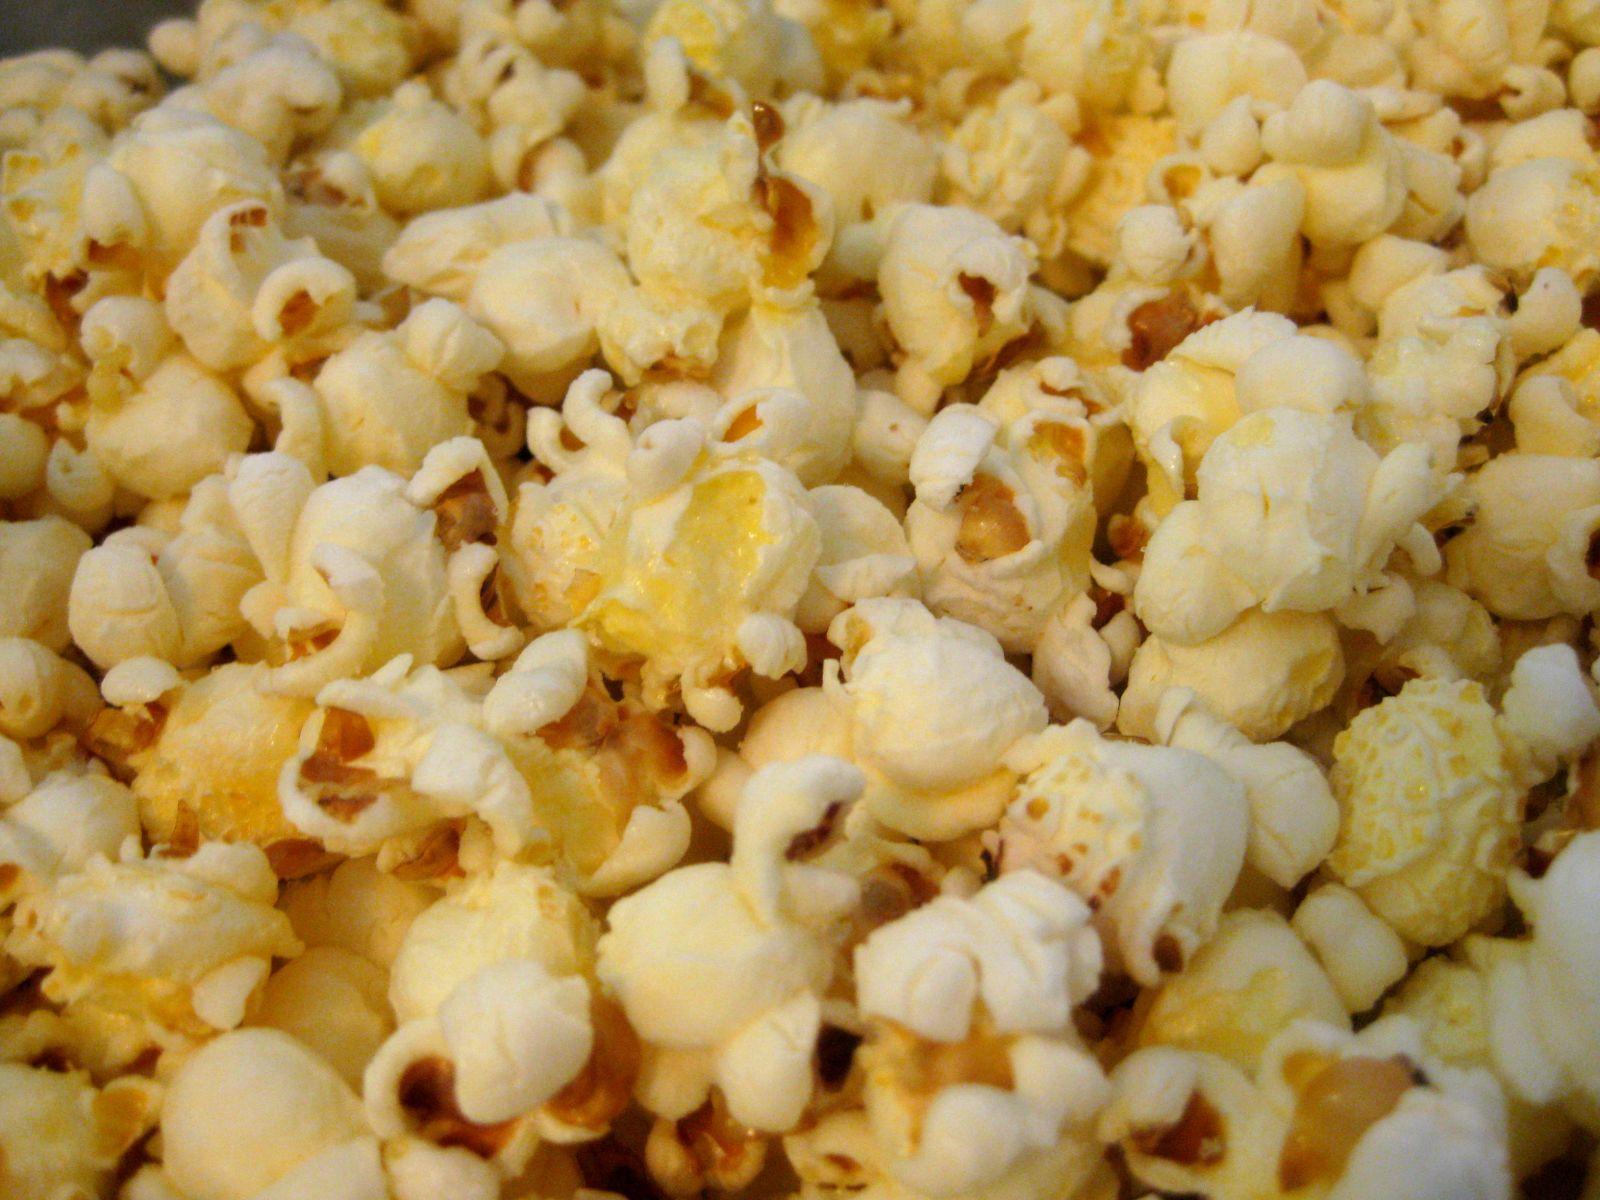 Ежедневное употребление попкорна может привести к раку легкого